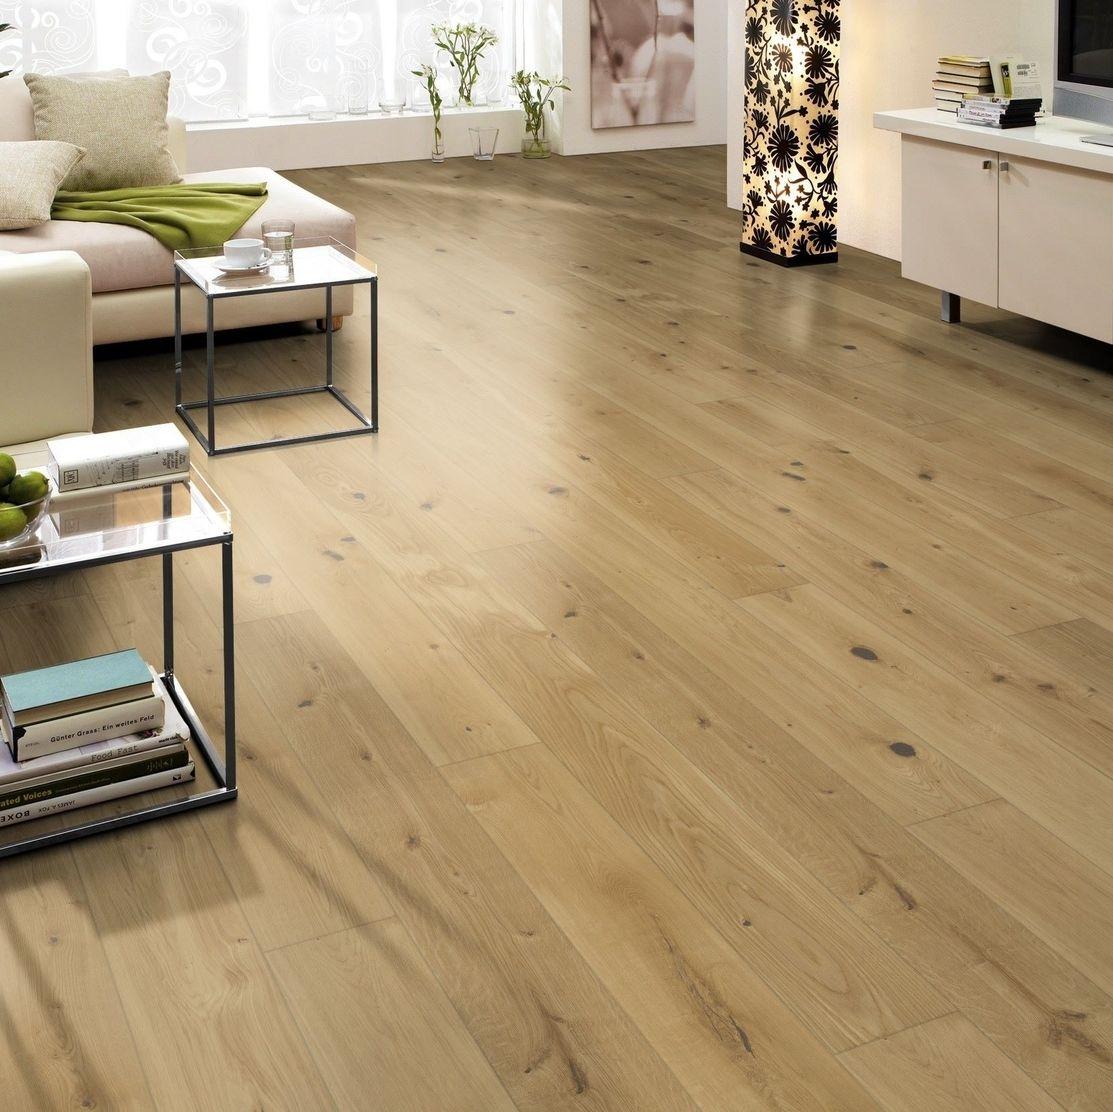 hori parkett 300 eiche cottage landhausdiele 1 stab mit fase versiegelt. Black Bedroom Furniture Sets. Home Design Ideas